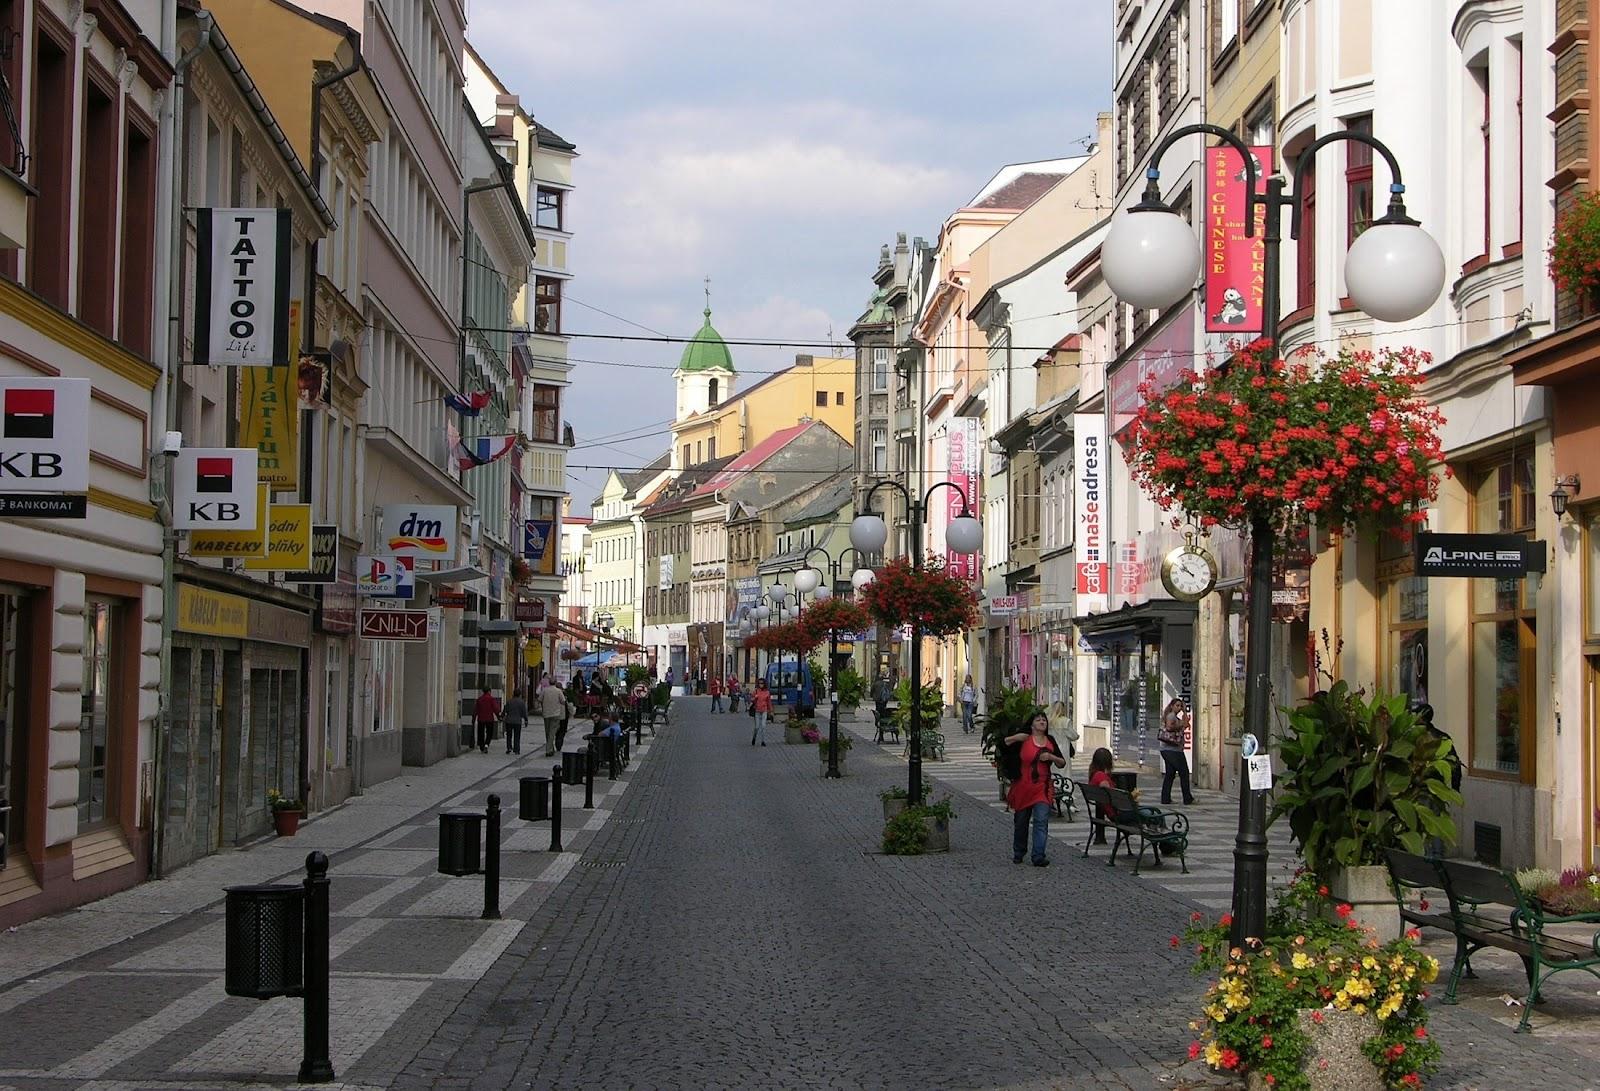 MariaJose: Paisajes Urbanos